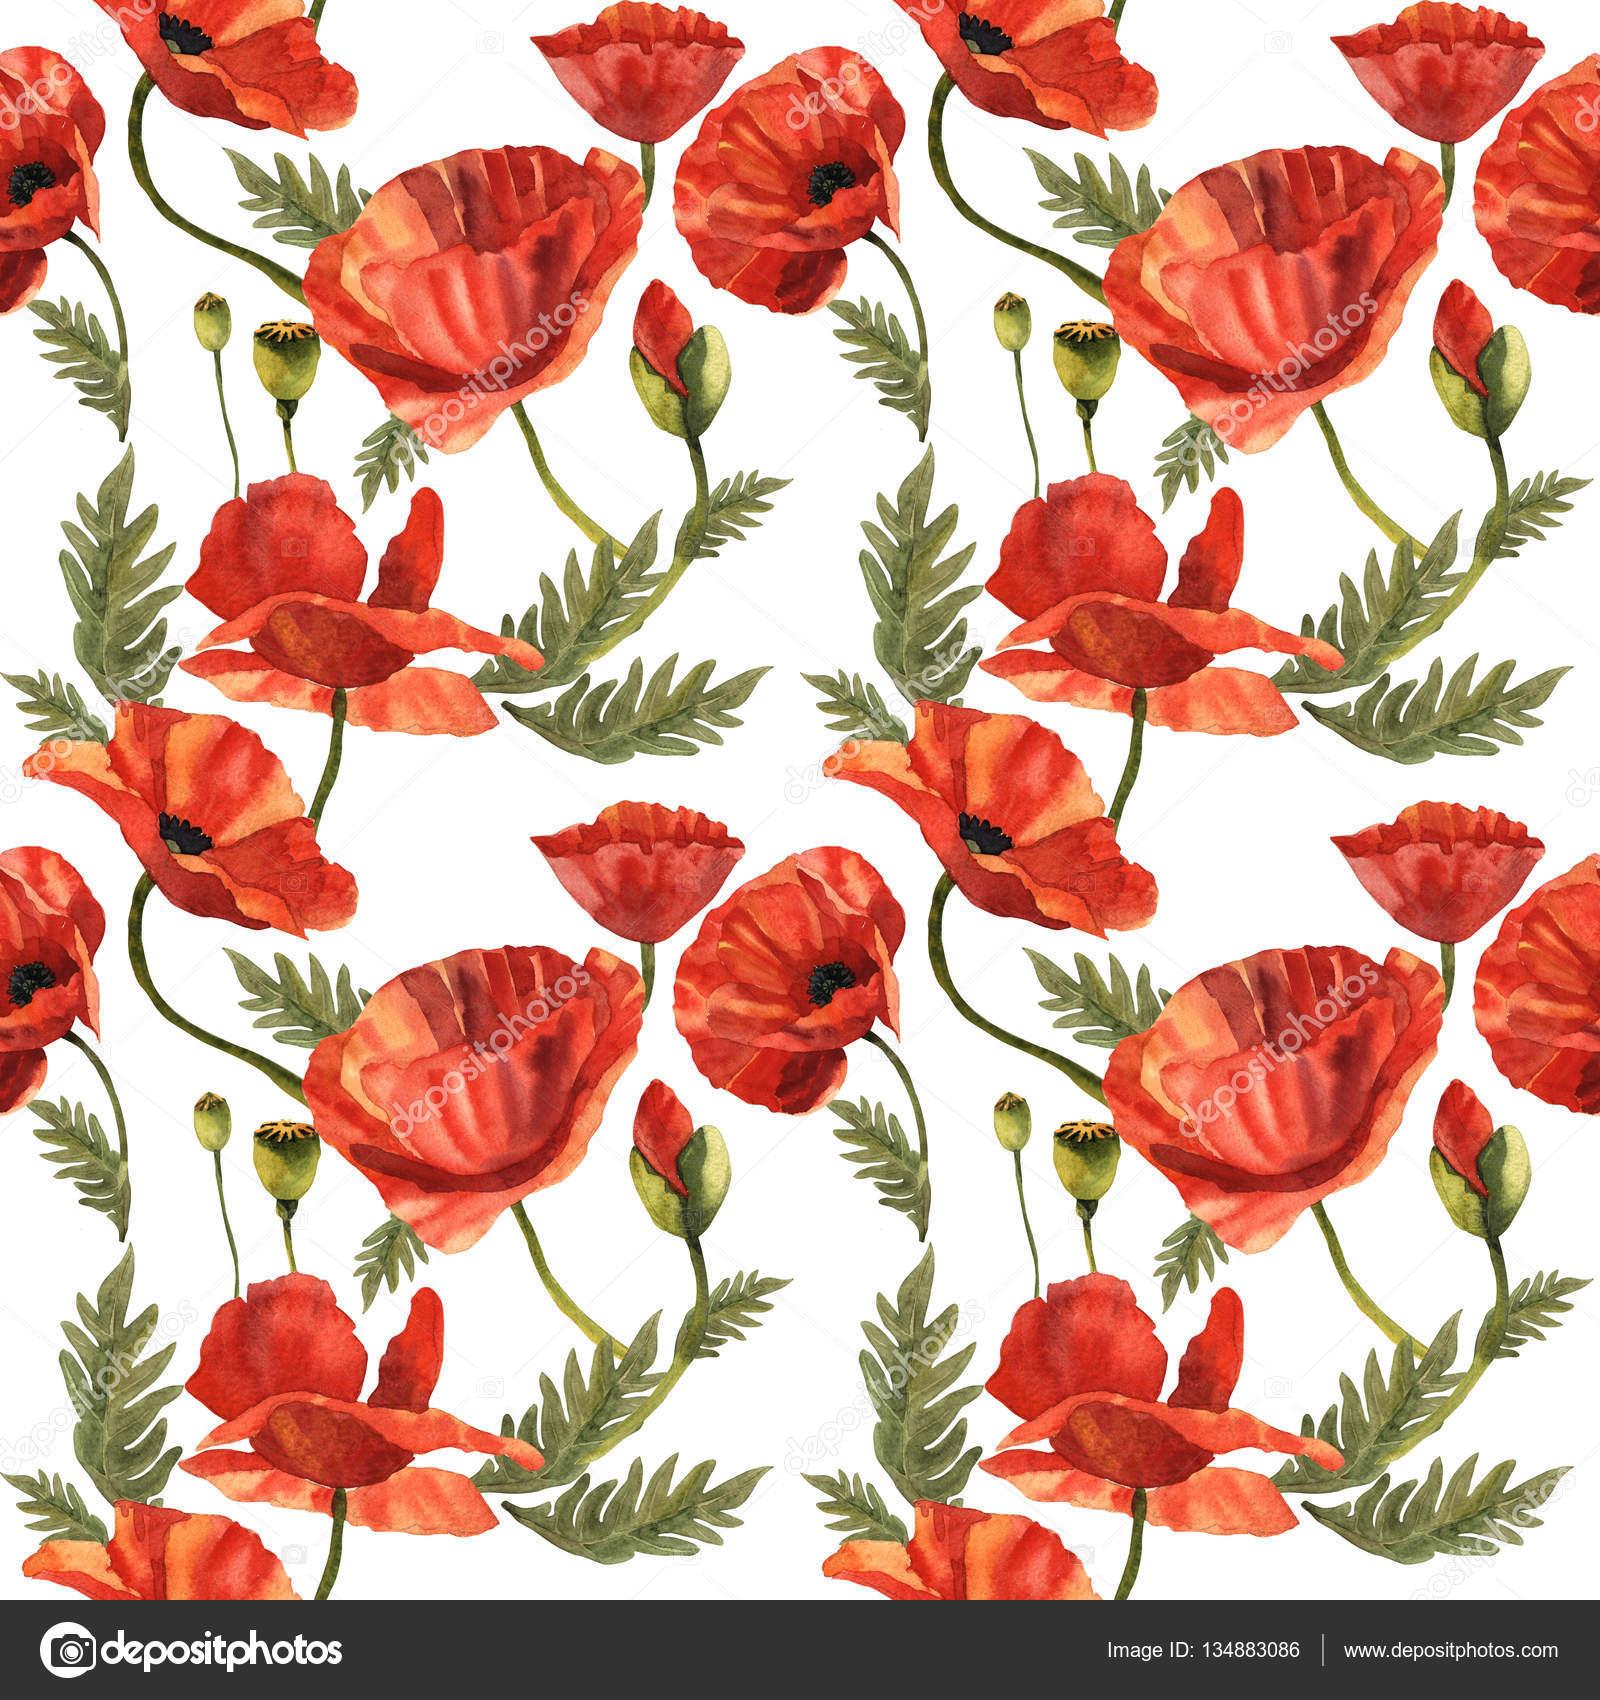 Wildflower poppy flower pattern in a watercolor style isolated wildflower poppy flower pattern in a watercolor style isolated stock photo mightylinksfo